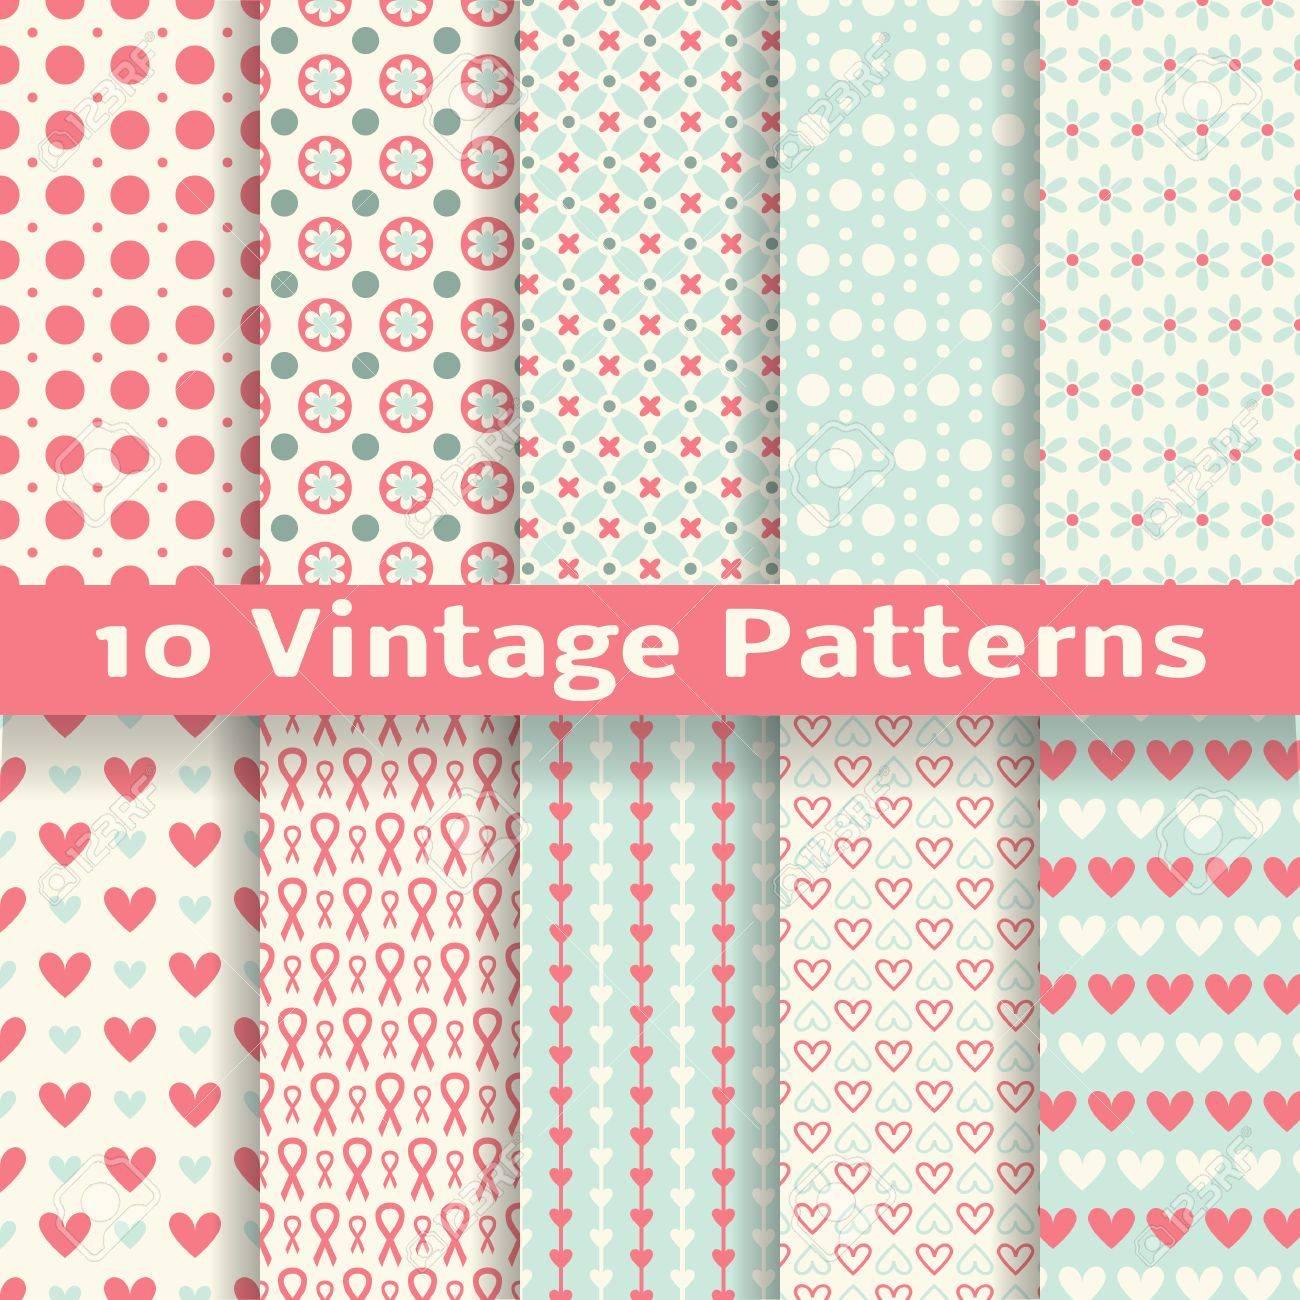 10 Vintage Mode Vektor Nahtlose Muster Fliesen Retro Rosa Weissen